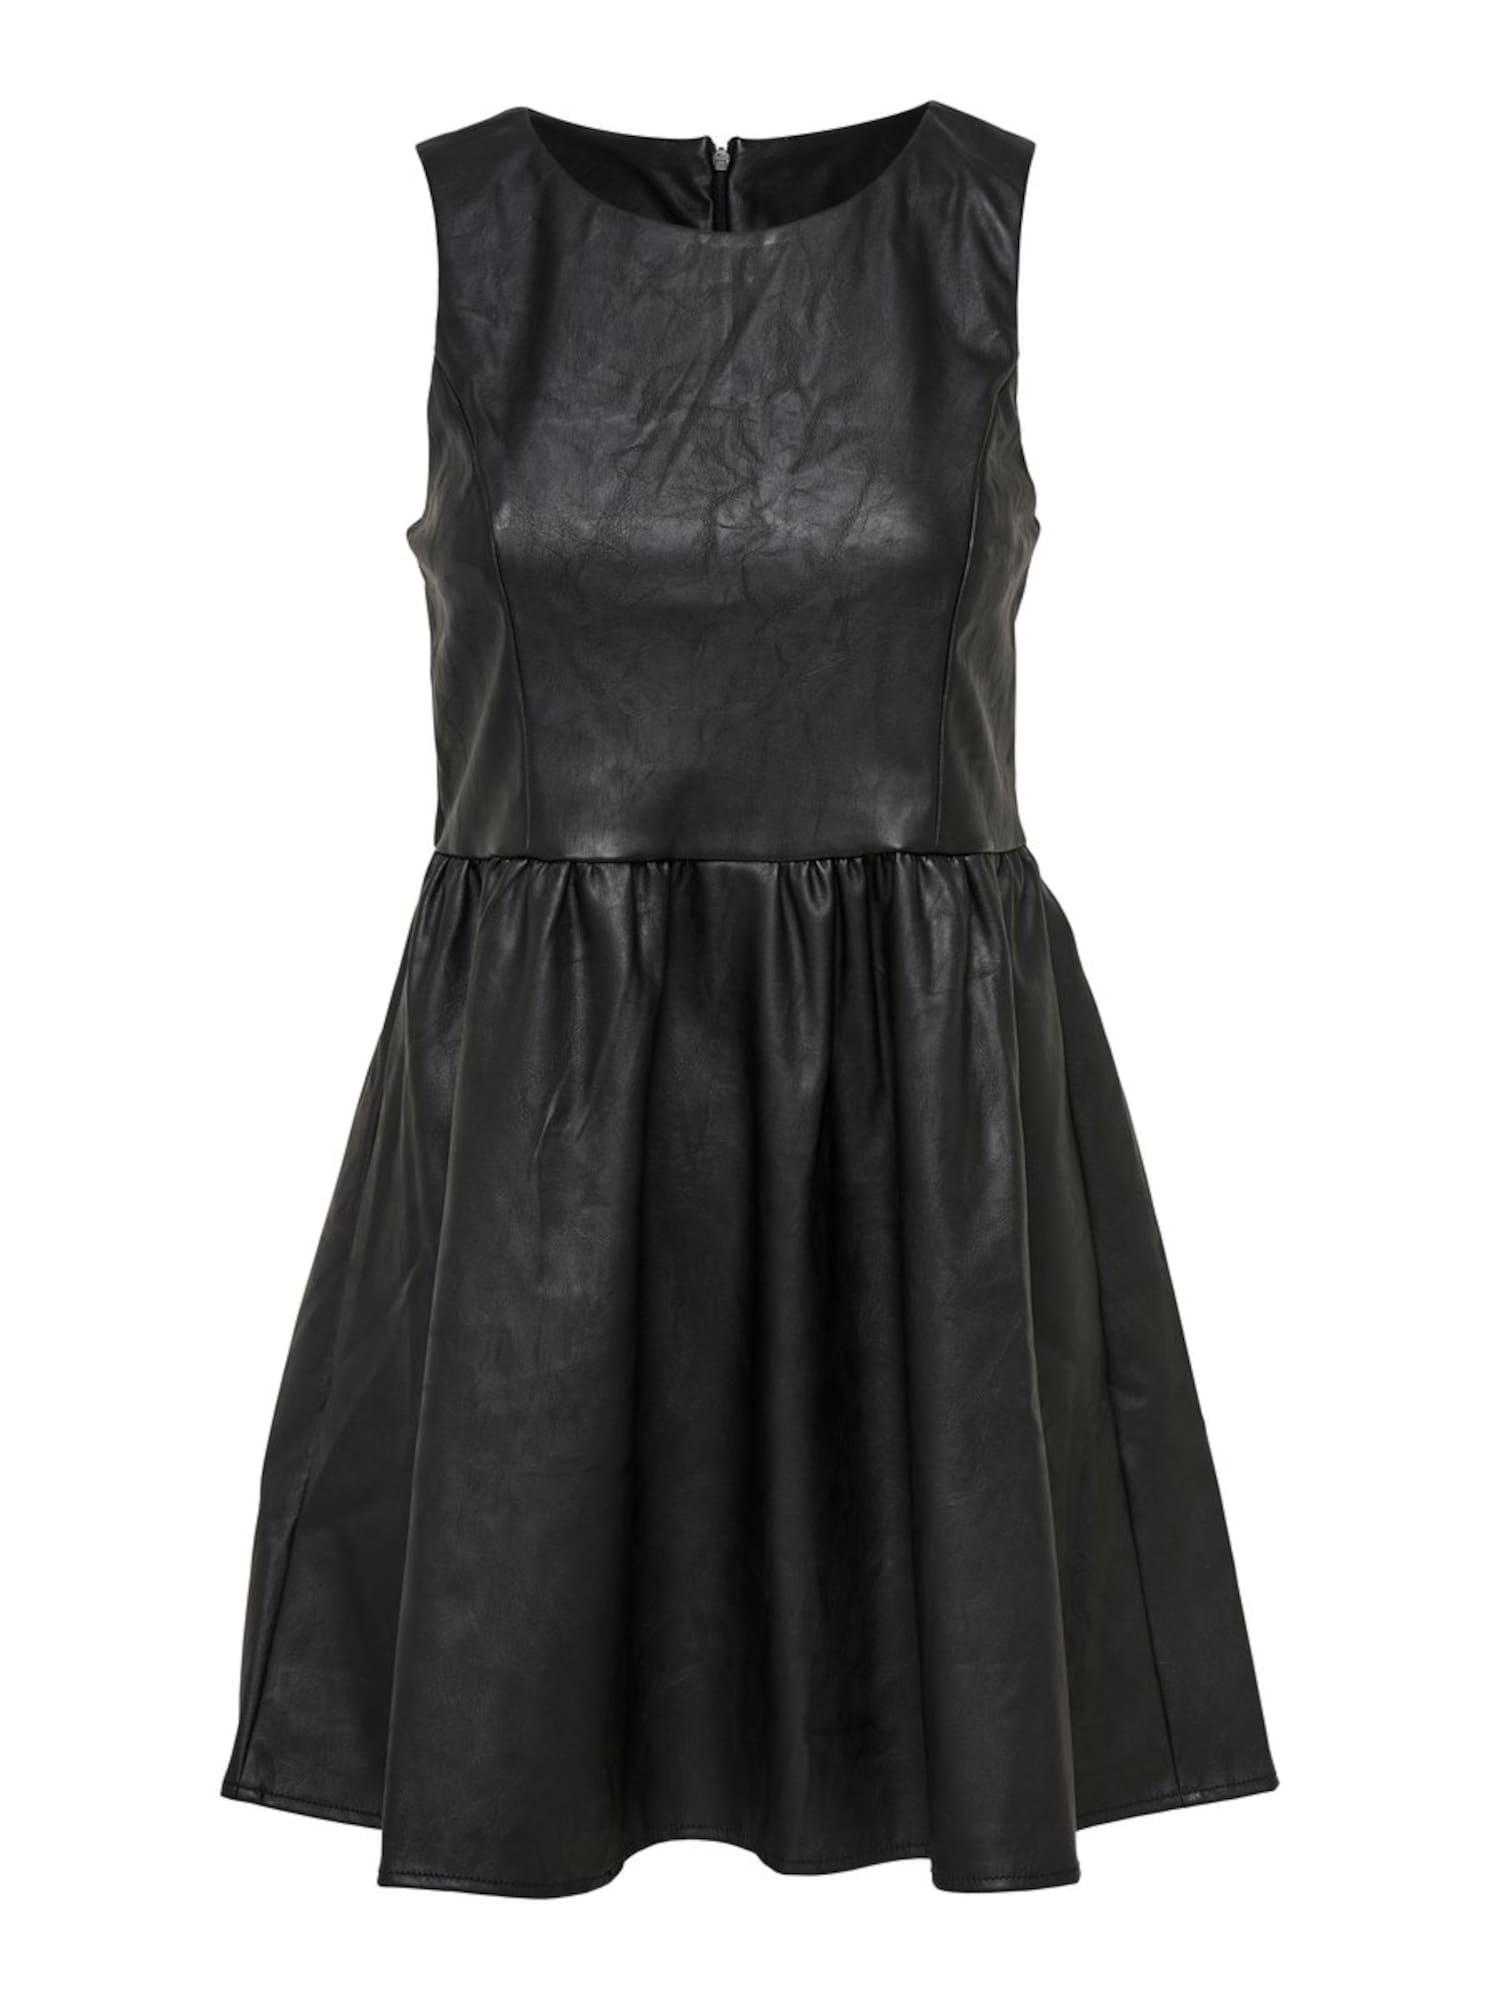 Šaty onlWILSHIRE PU DRESS PNT černá ONLY